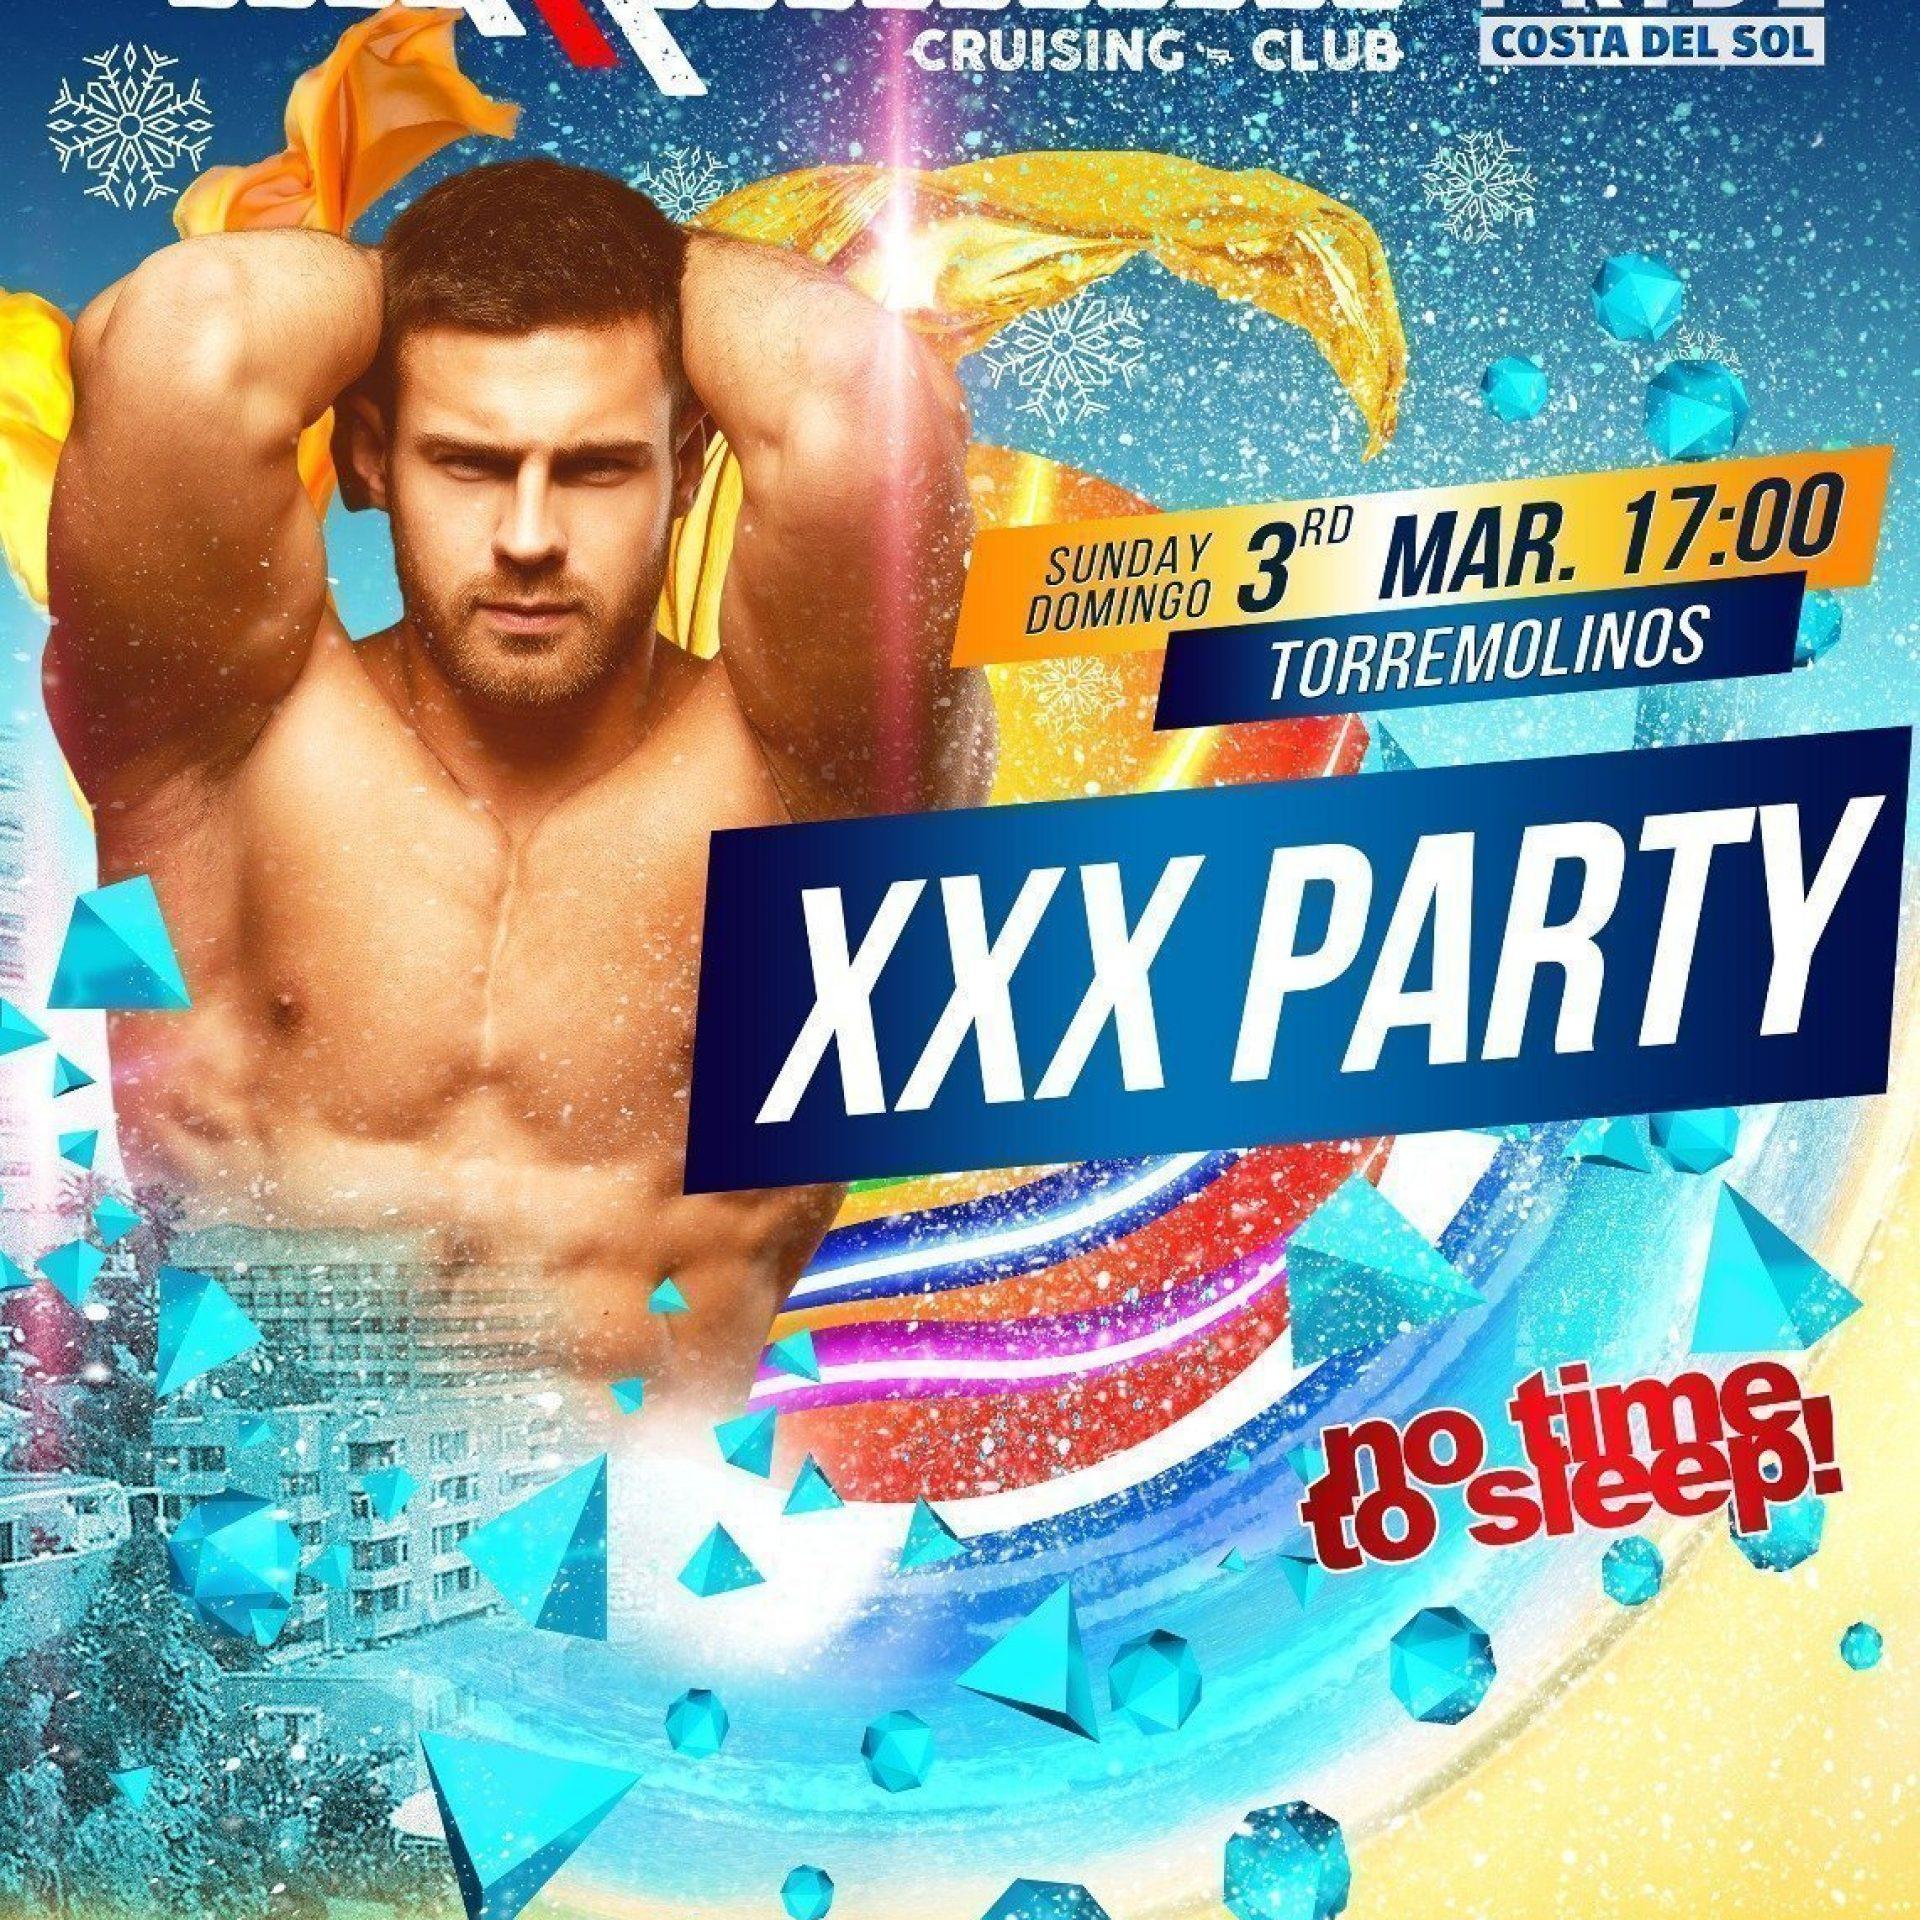 XXX PARTY el 3 de marzo en EXXXTREME CLUB